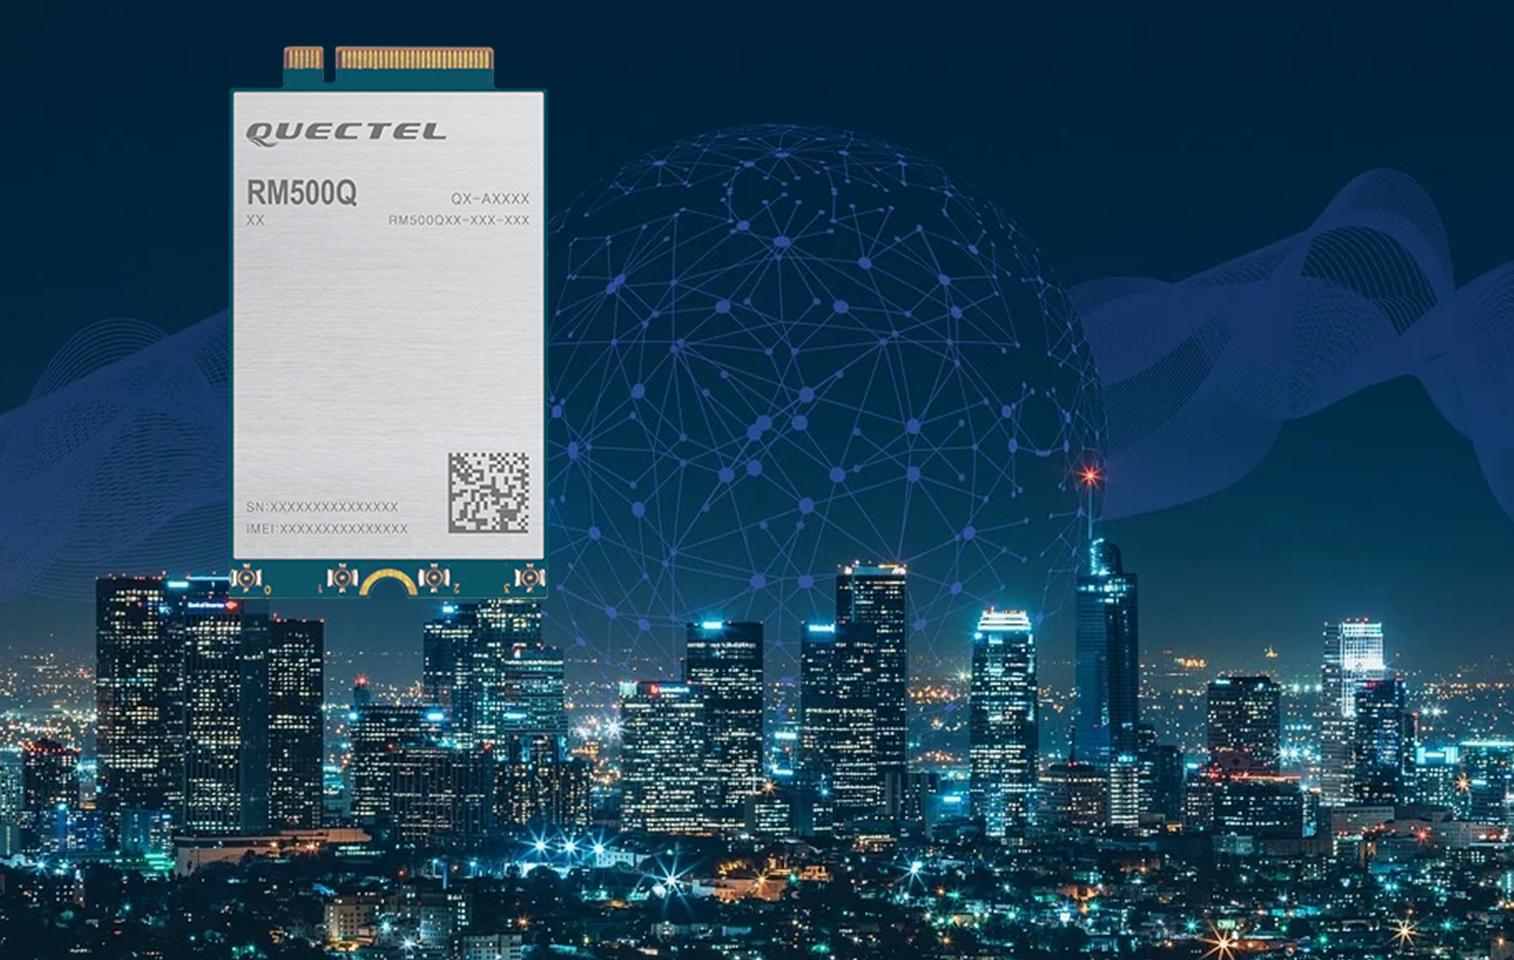 5G-Funkmodul RM500Q von Quectel erhält CE-Zertifizierung